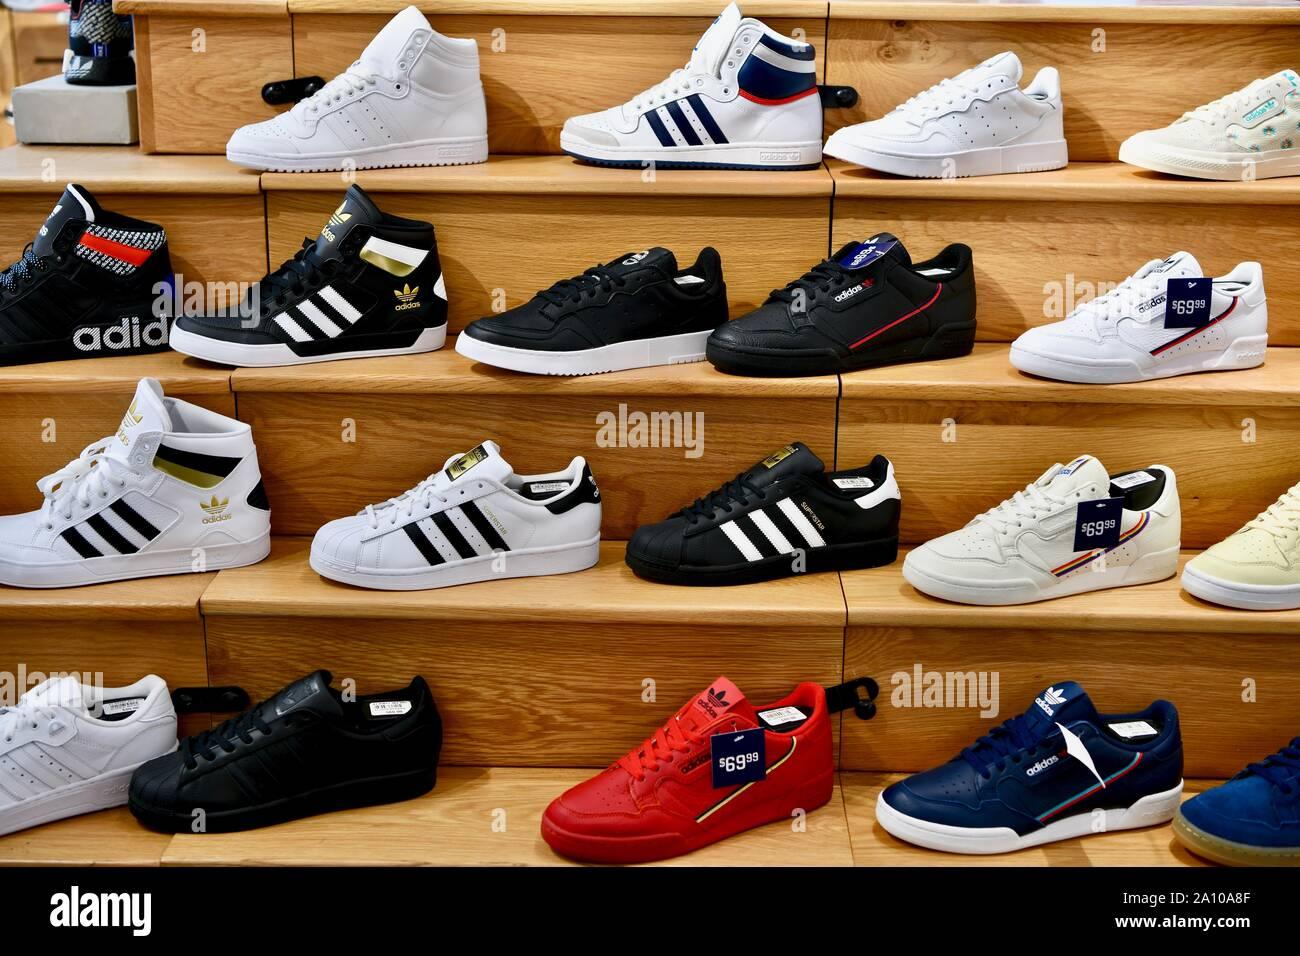 Adidas Shoes Stockfotos & Adidas Shoes Bilder Alamy